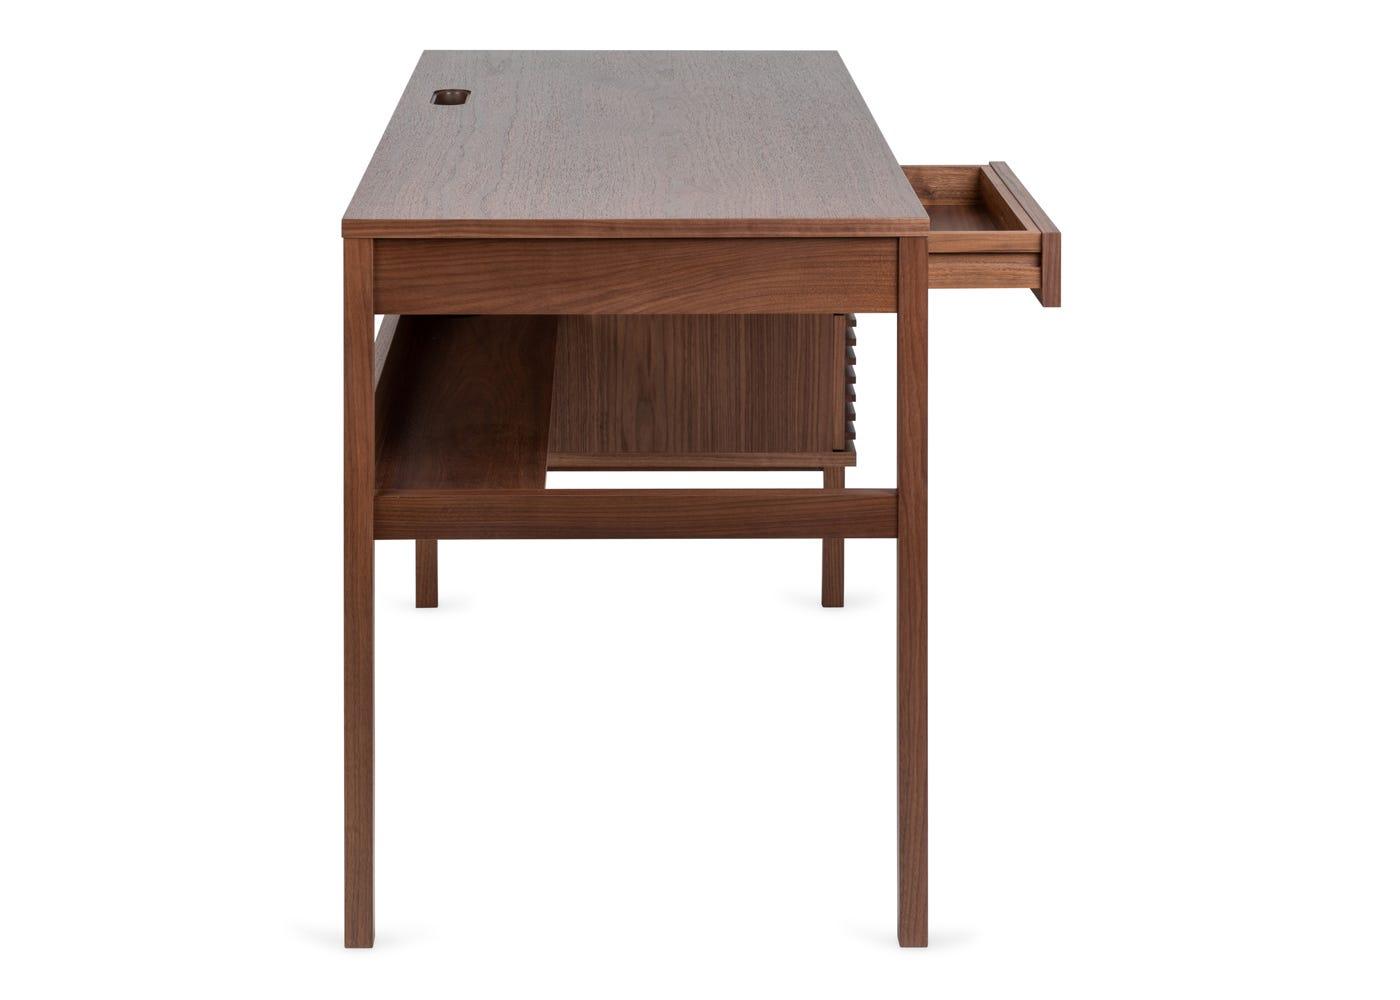 Verona desk in walnut - Side profile.